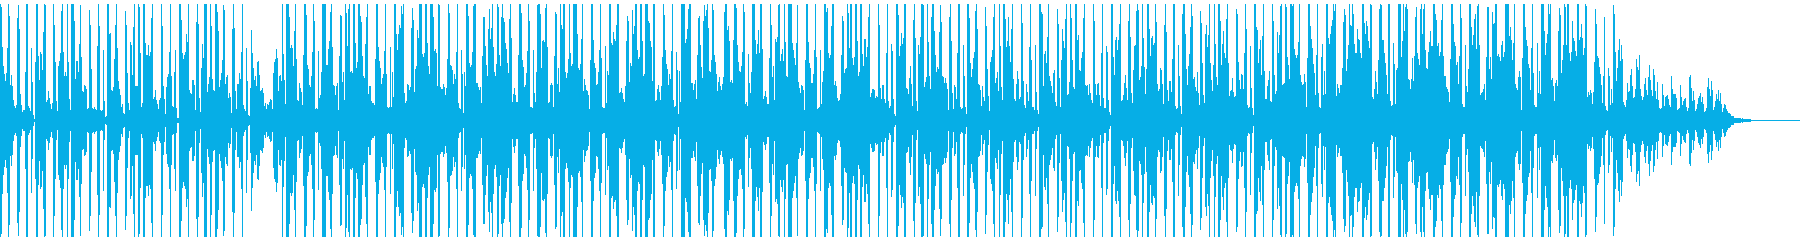 都会的でゆったりとしたおしゃれなサウンドの再生済みの波形